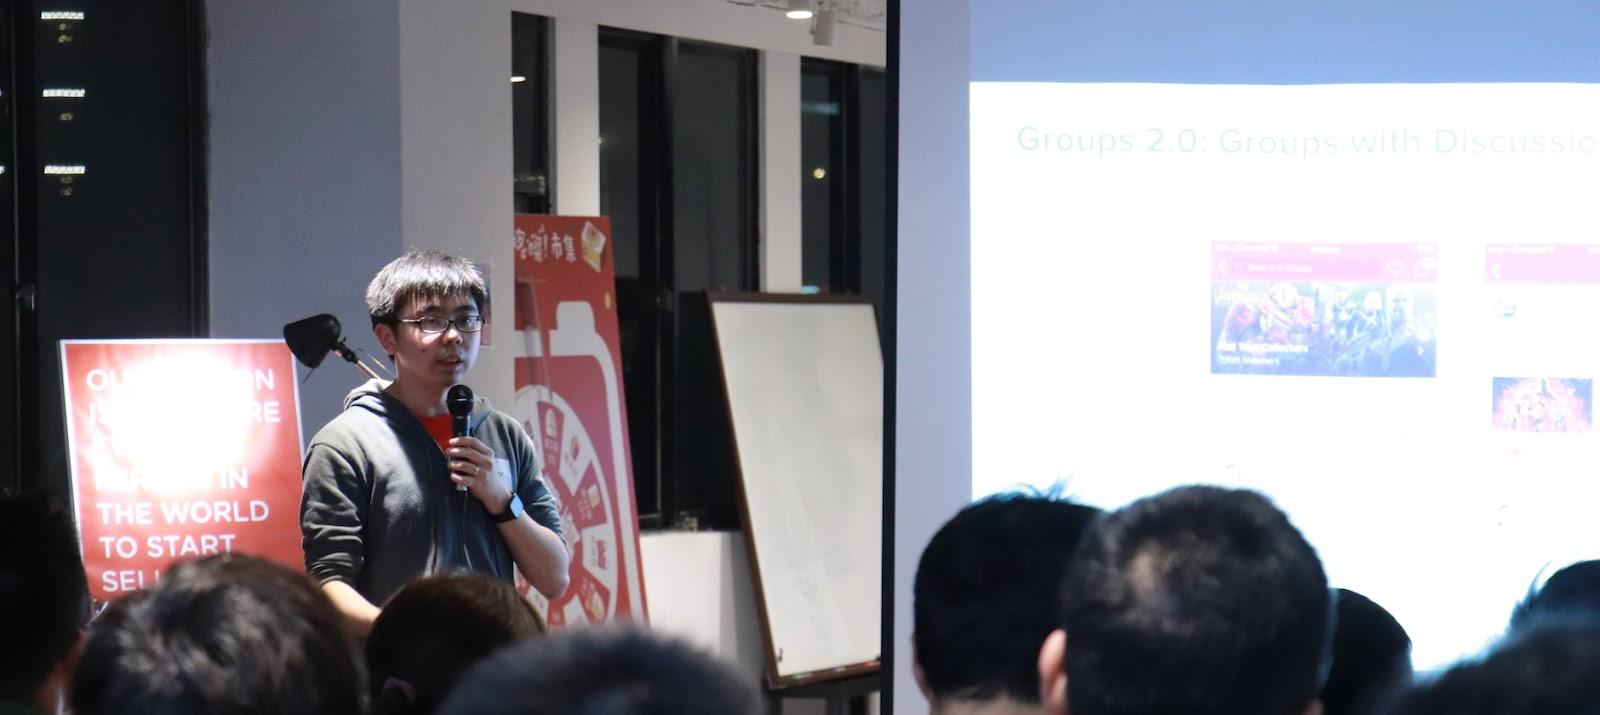 Carousell 旋轉拍賣工程總監 Victor 特地從新加坡飛來台灣為這次的技術分享會開場